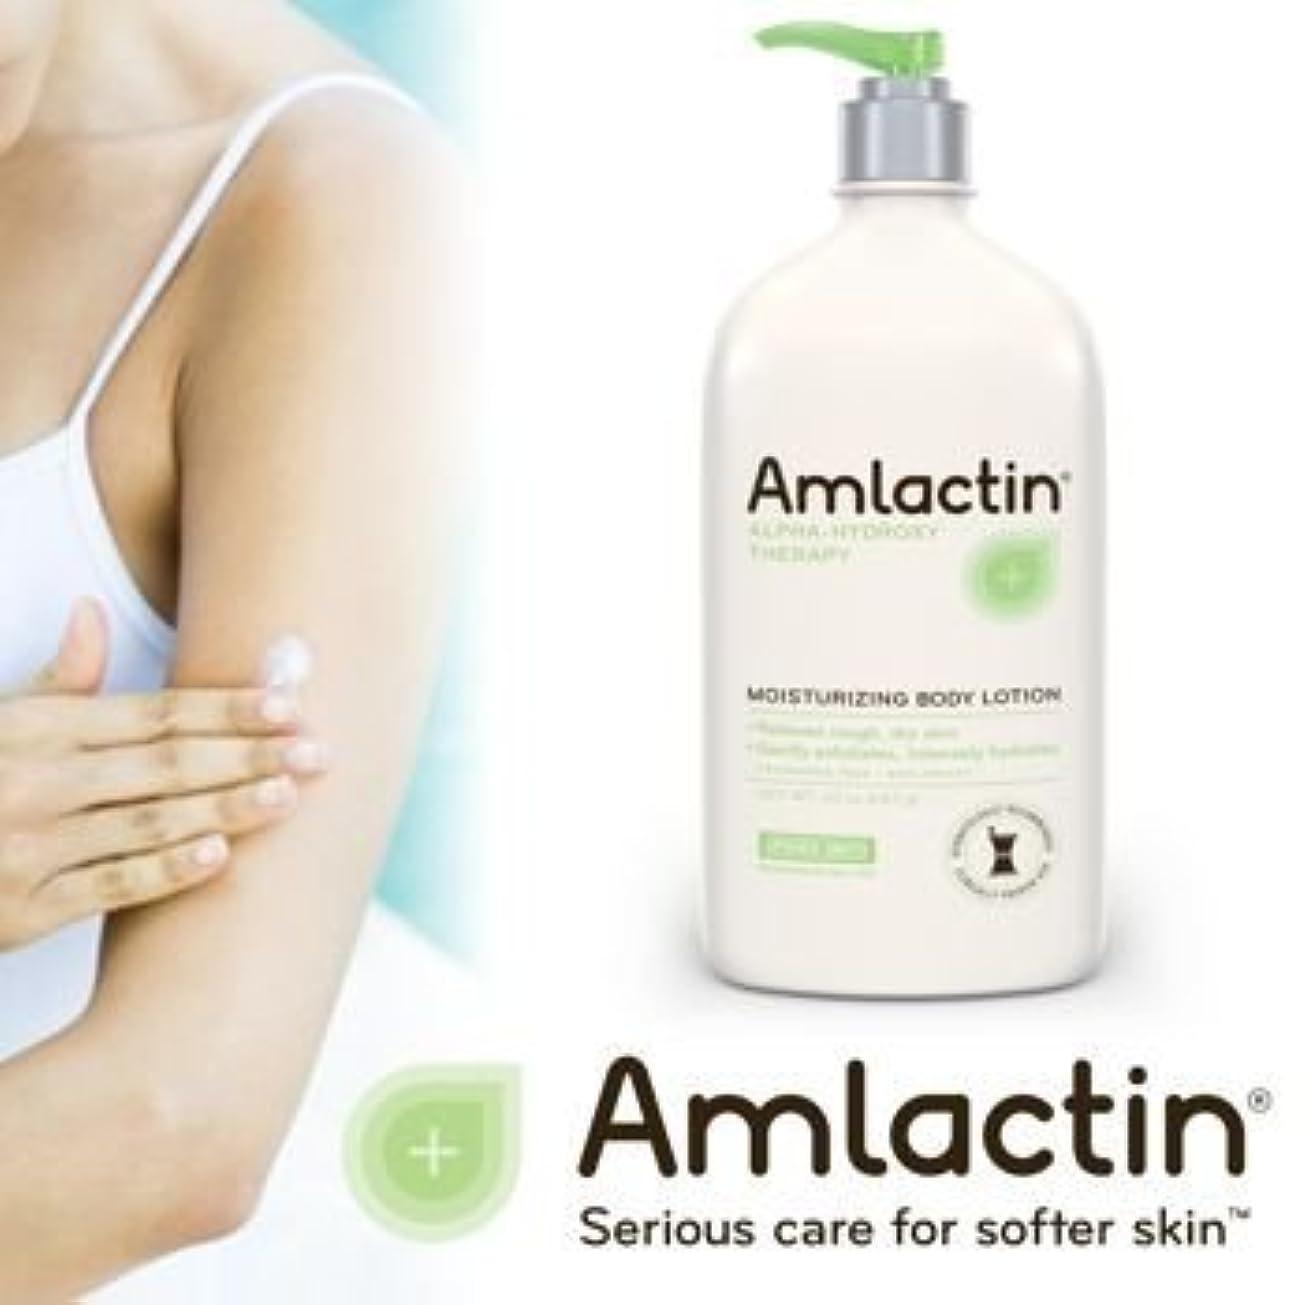 流体アーサーコナンドイル弁護士アムラクティン 保湿液 (乾燥肌のため) - 12% 乳酸 - AmLactin 12 % Moisturizing Lotion - 500 g / 17.6 oz (Product packaging may vary)